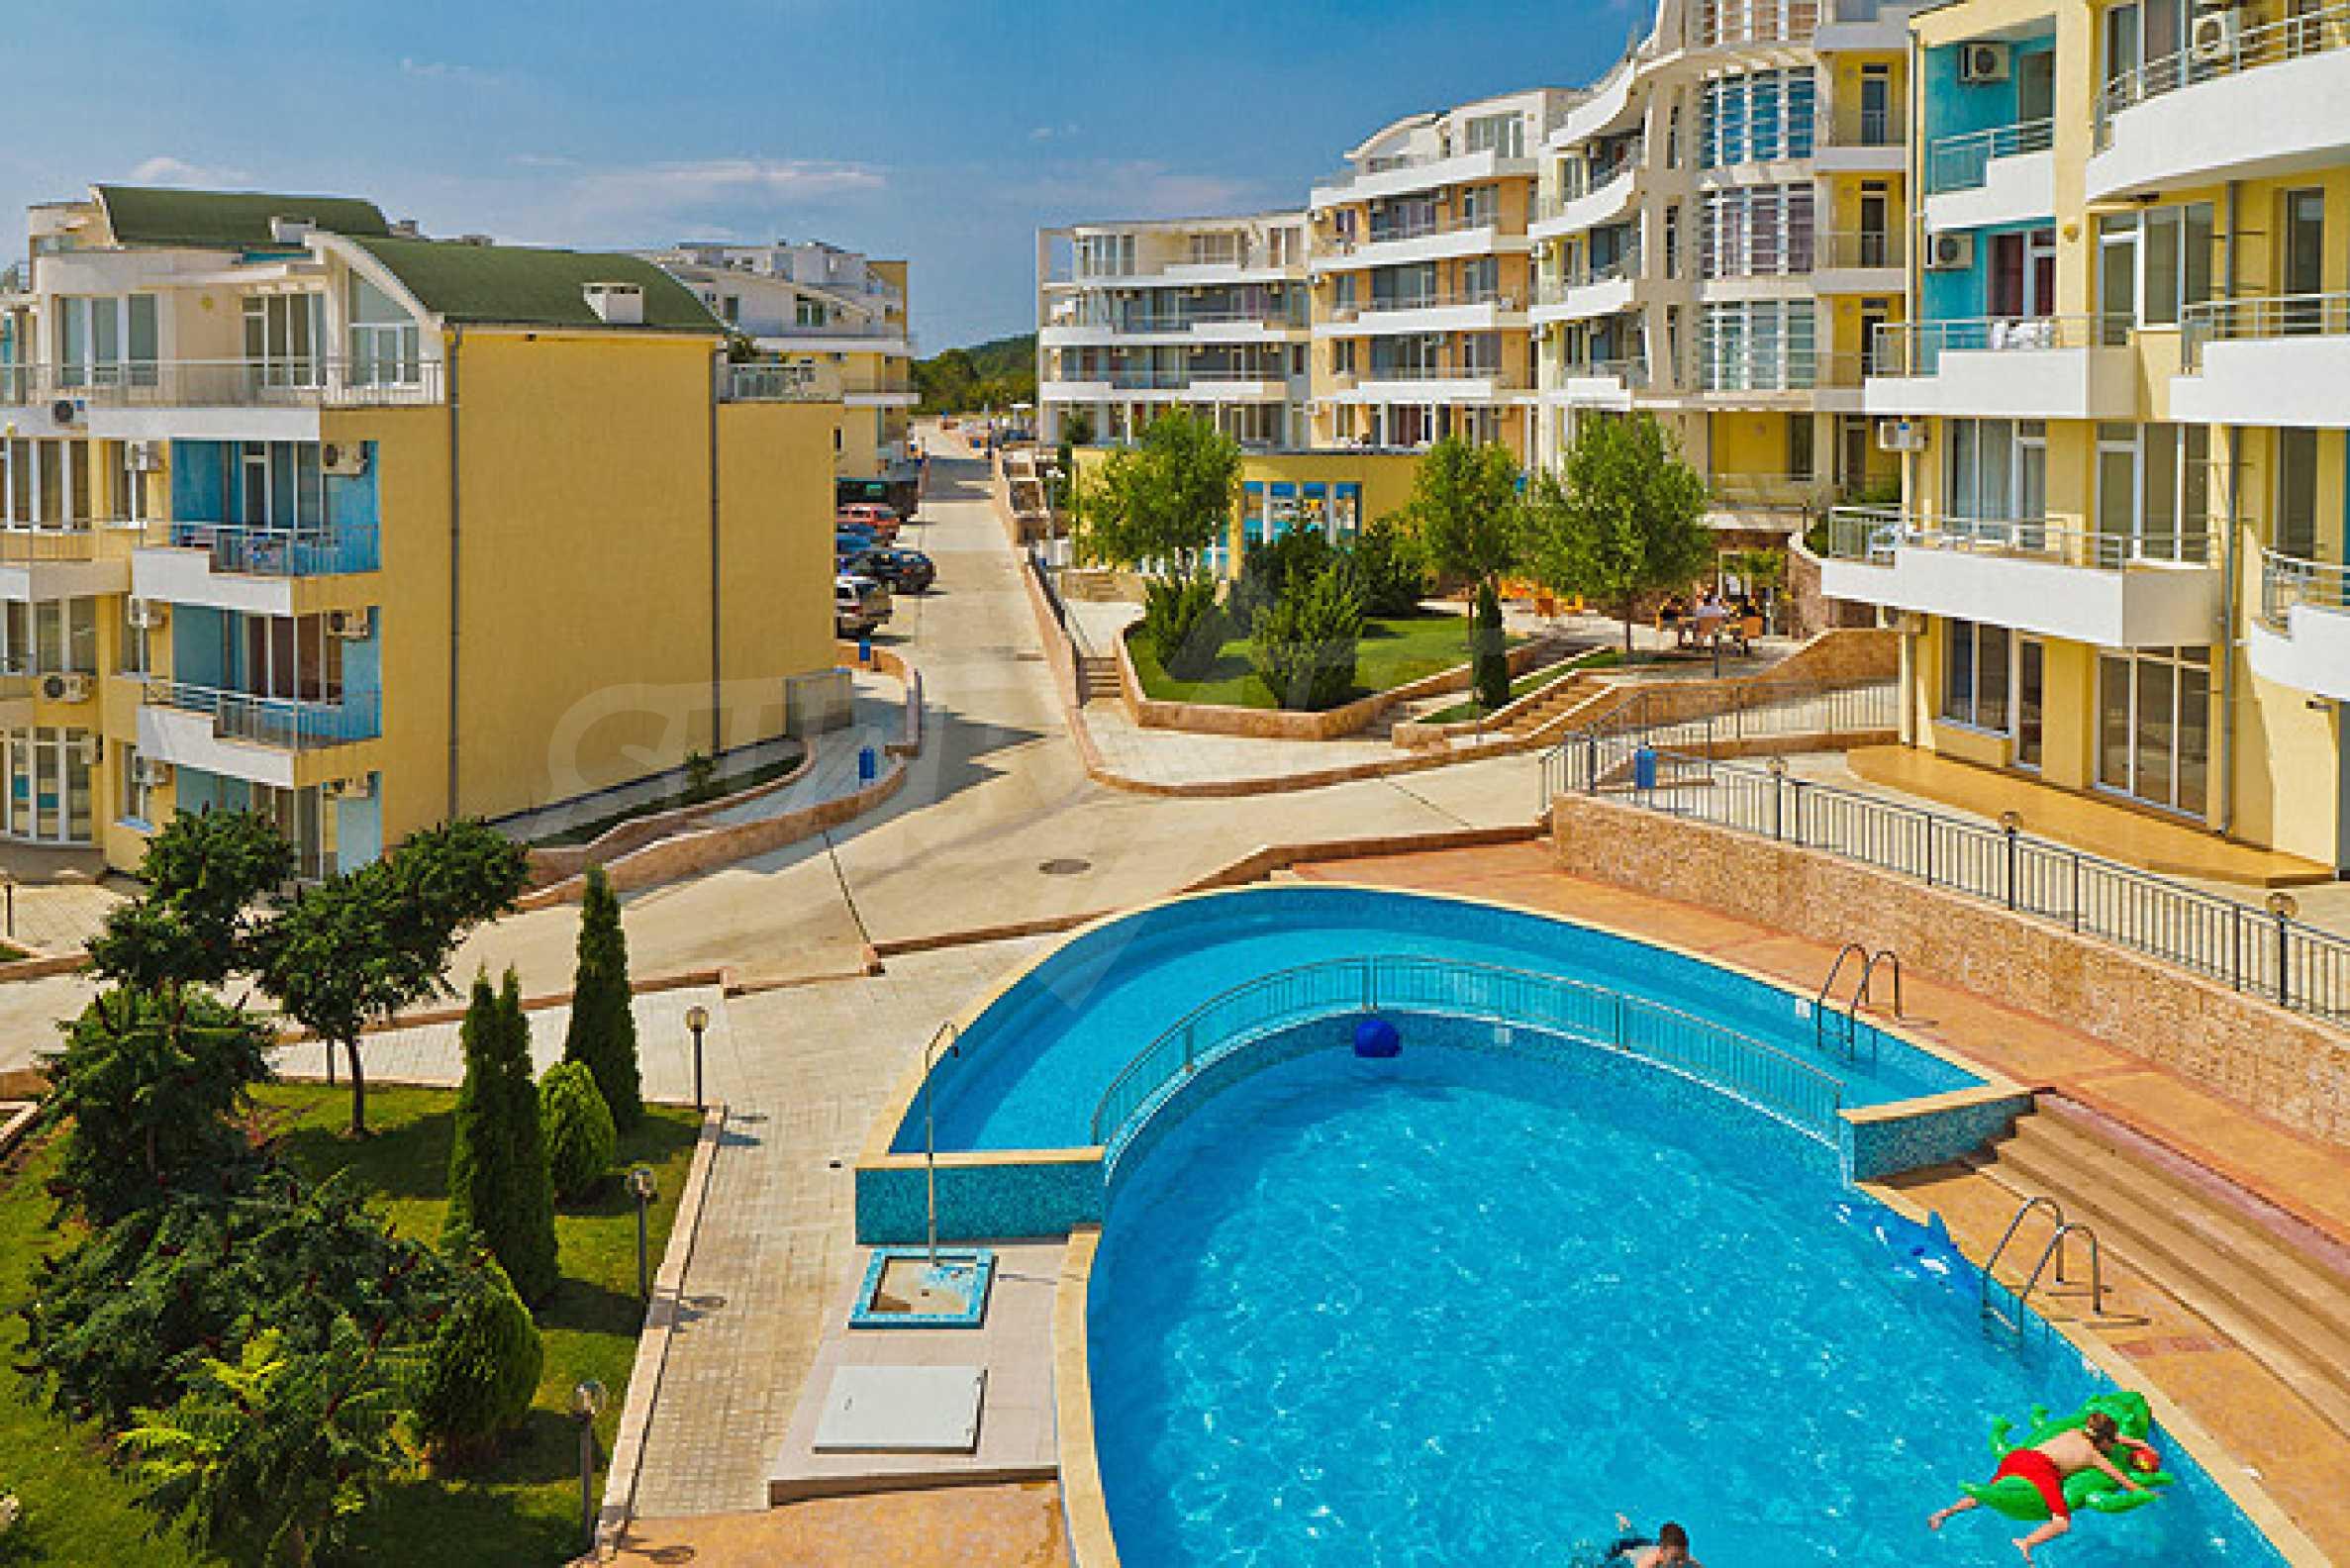 Sunset Kosharitsa - Apartments in einem attraktiven Berg- und Seekomplex, 5 Autominuten vom Sonnenstrand entfernt 34